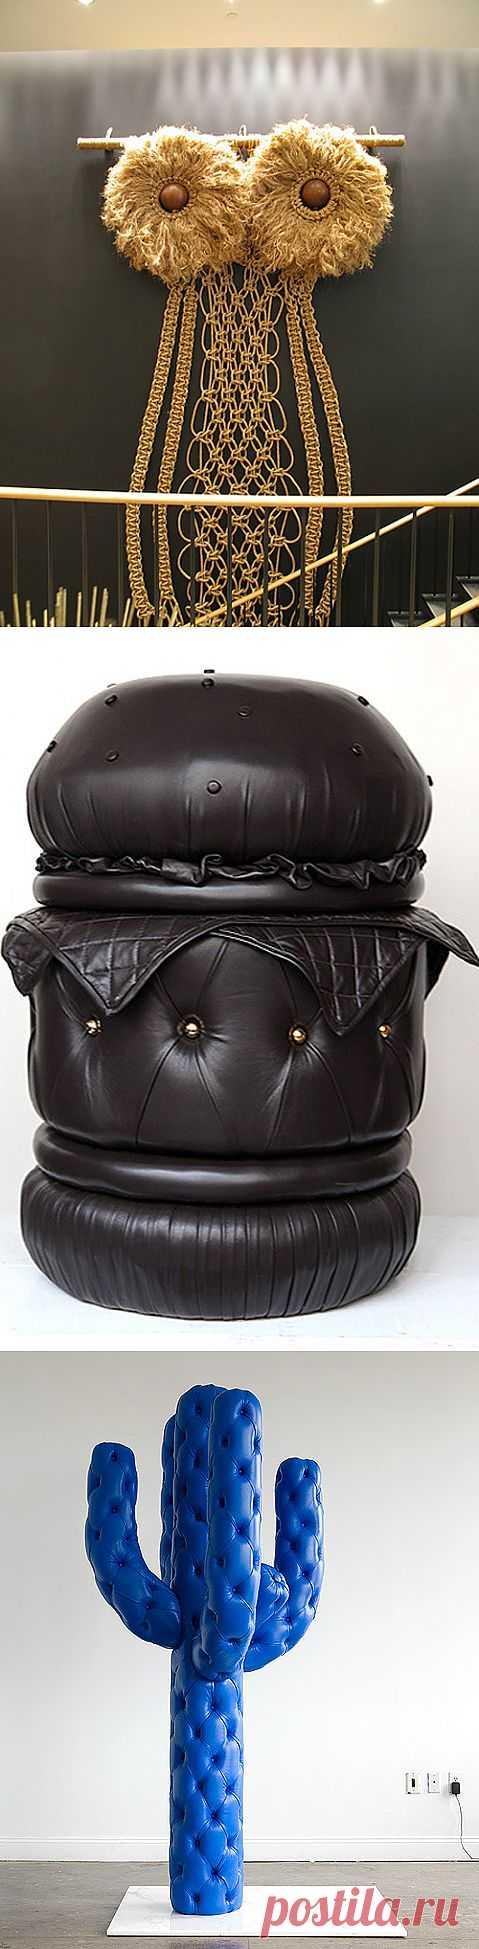 Творения Andy Harman / Арт-объекты / Модный сайт о стильной переделке одежды и интерьера